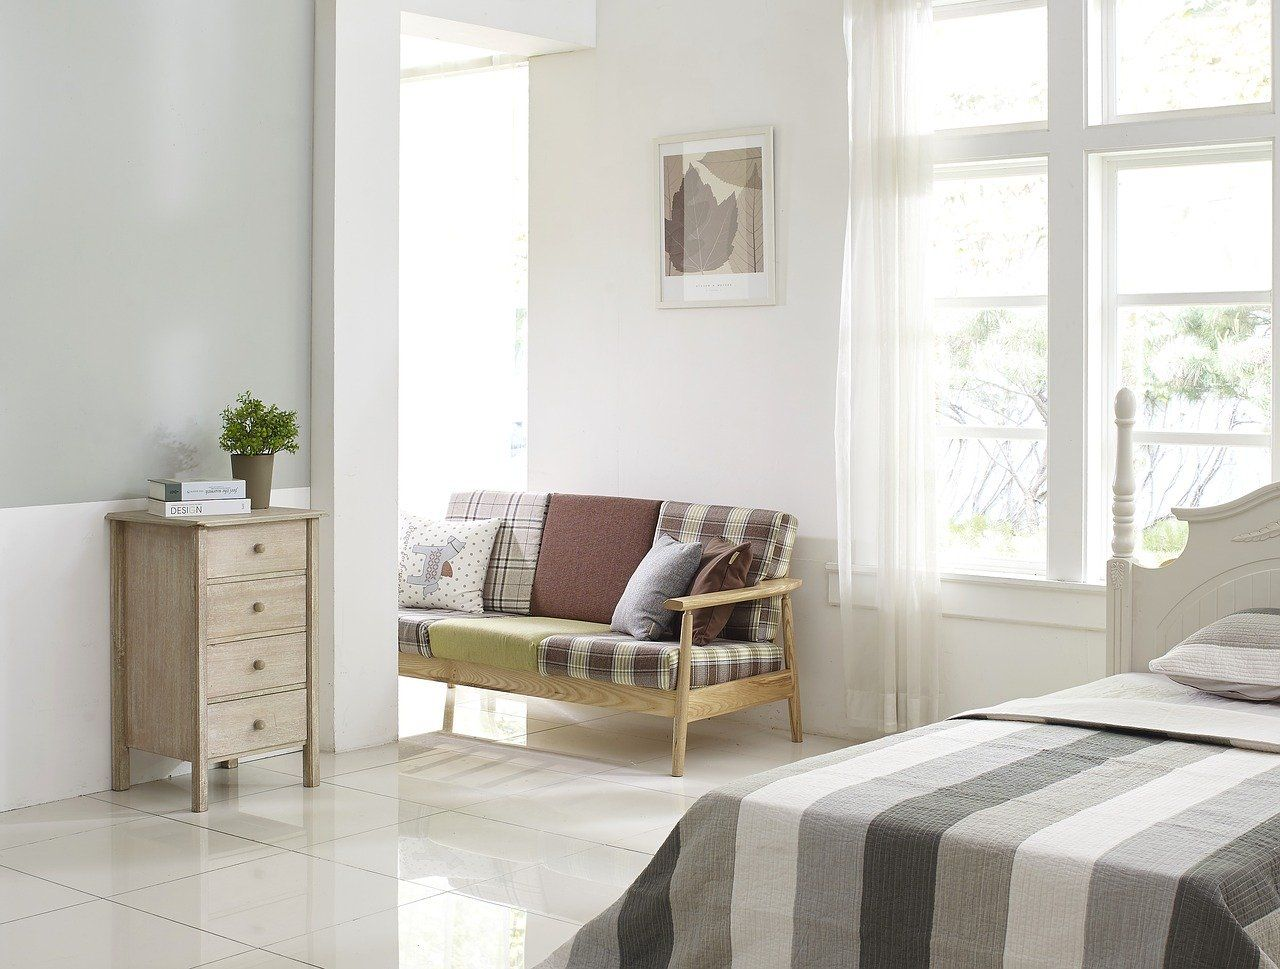 Foto Un dormitorio relajante usando el color gris como aliado